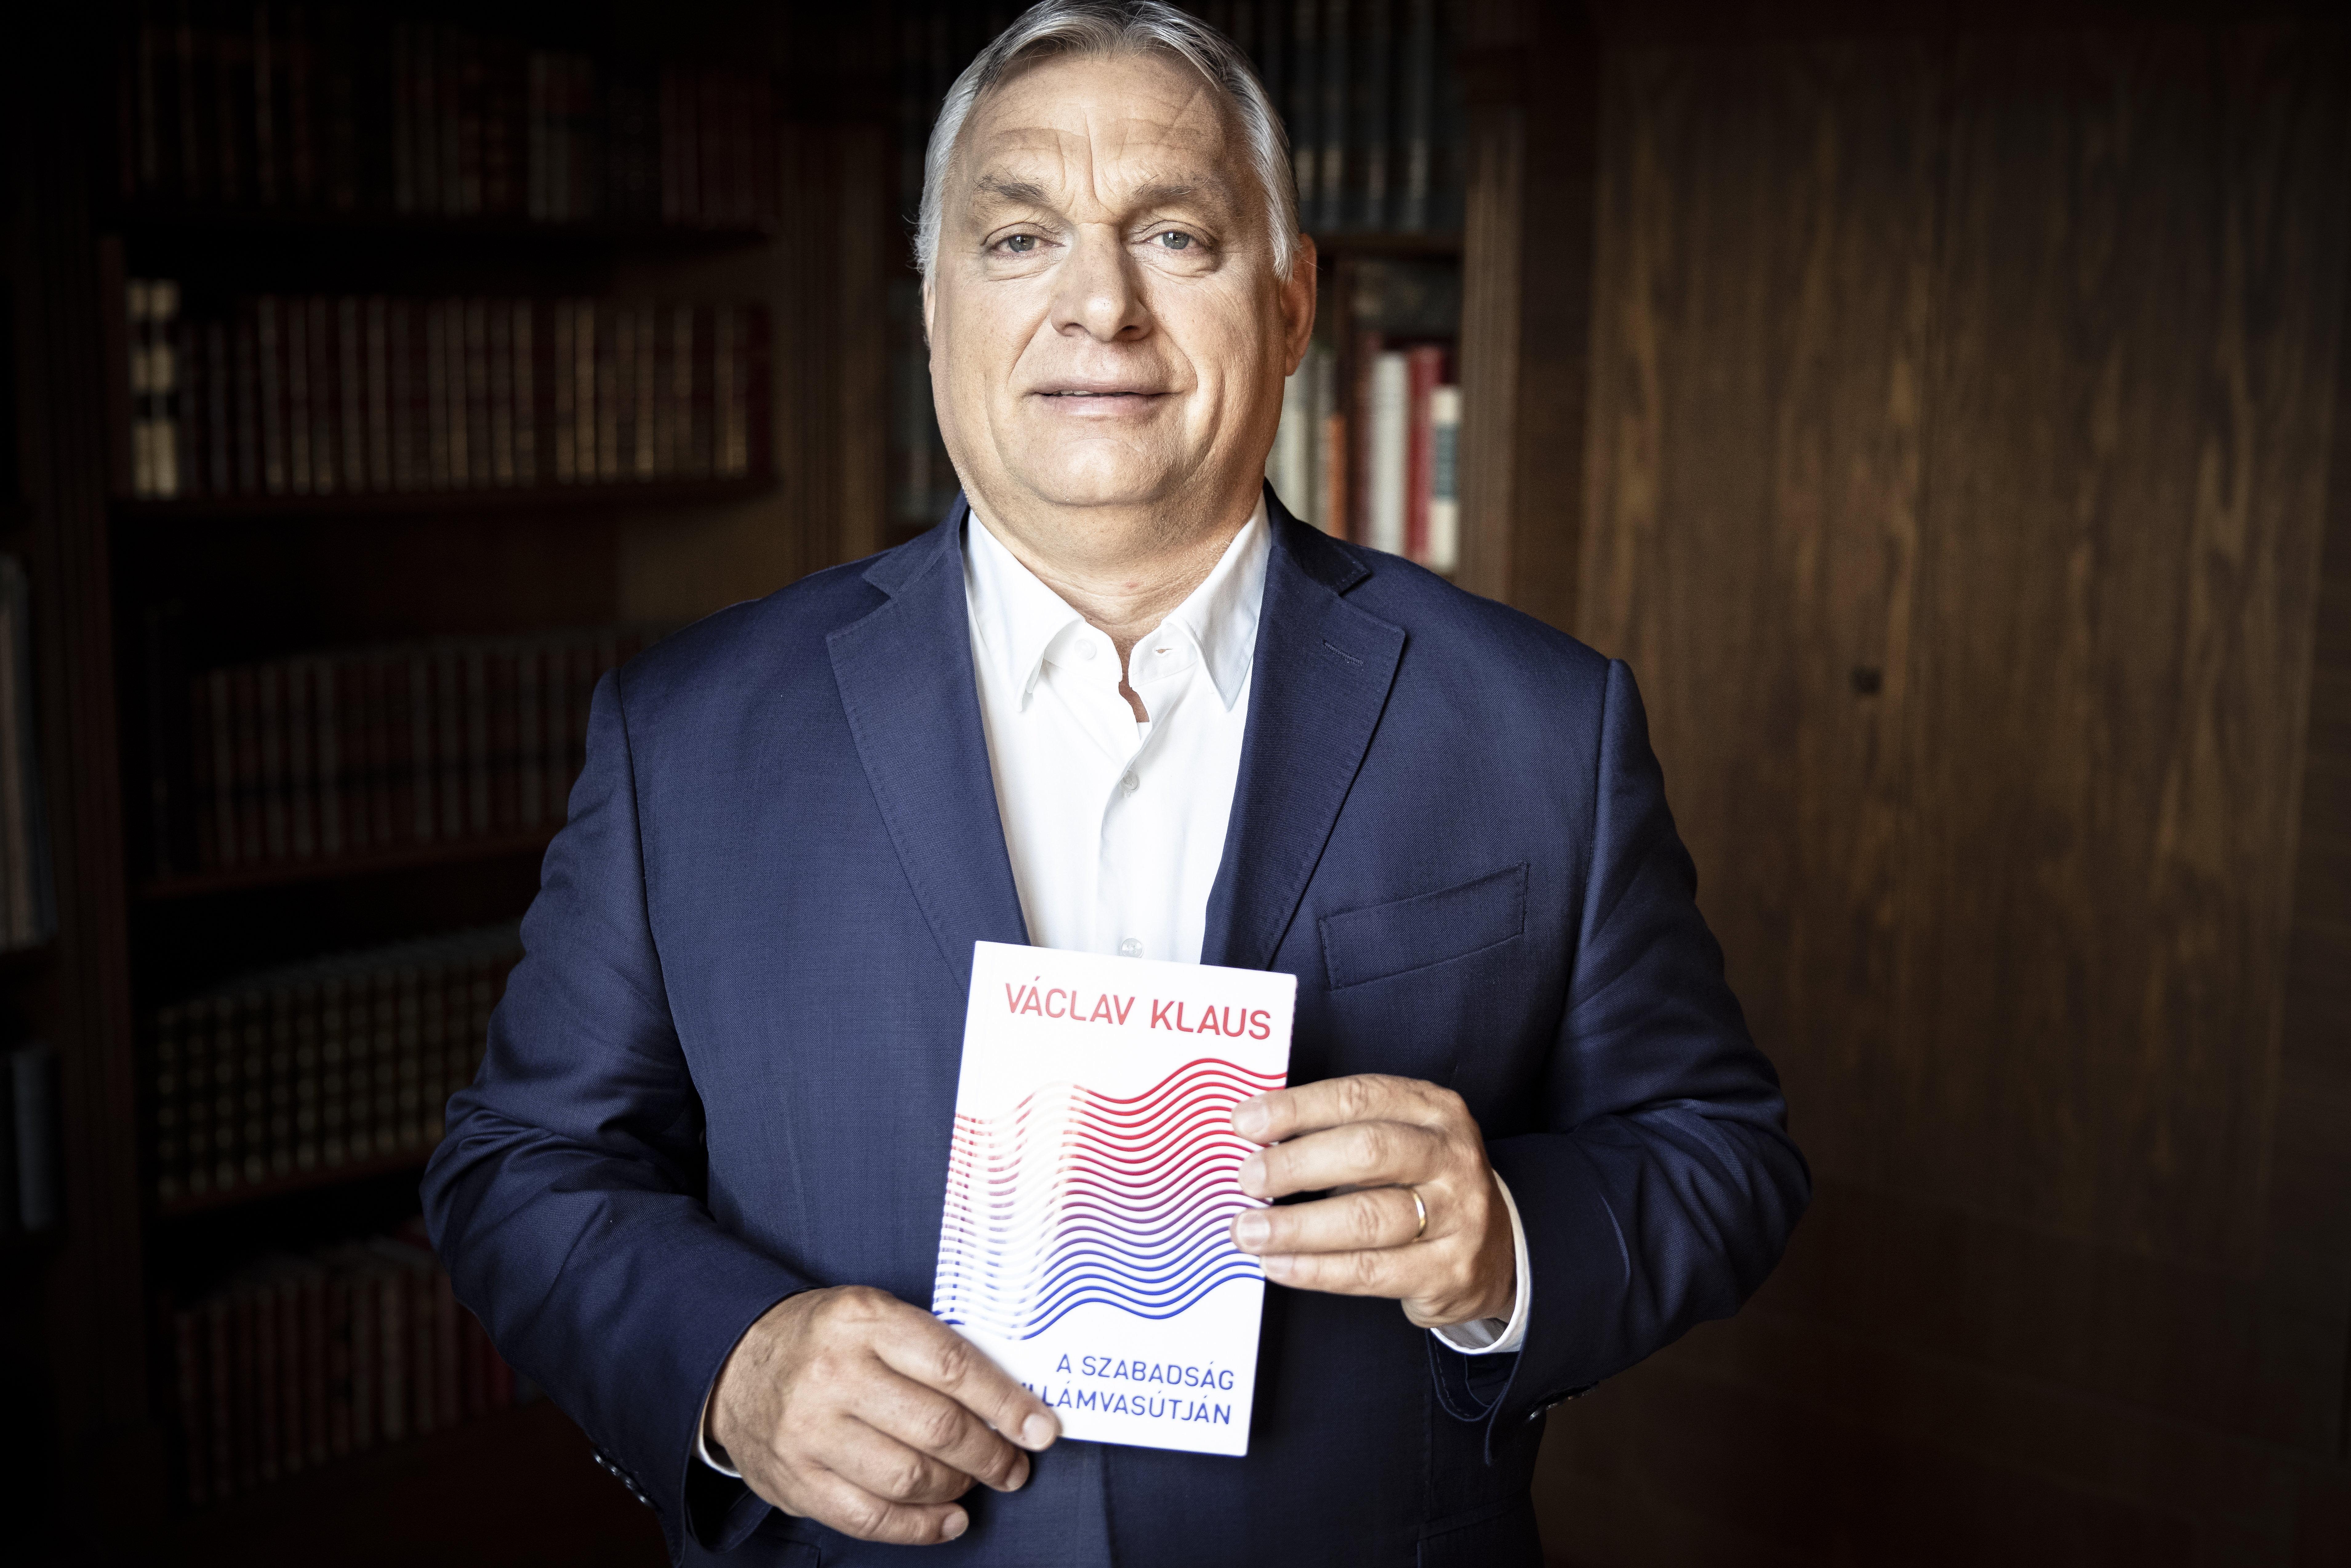 """Orbán: """"Szabadságharc folyik Európában. Ezúttal a keresztény-konzervatív hagyományaink, és közép-európai identitásunk megőrzése érdekében vonulunk csatába"""""""